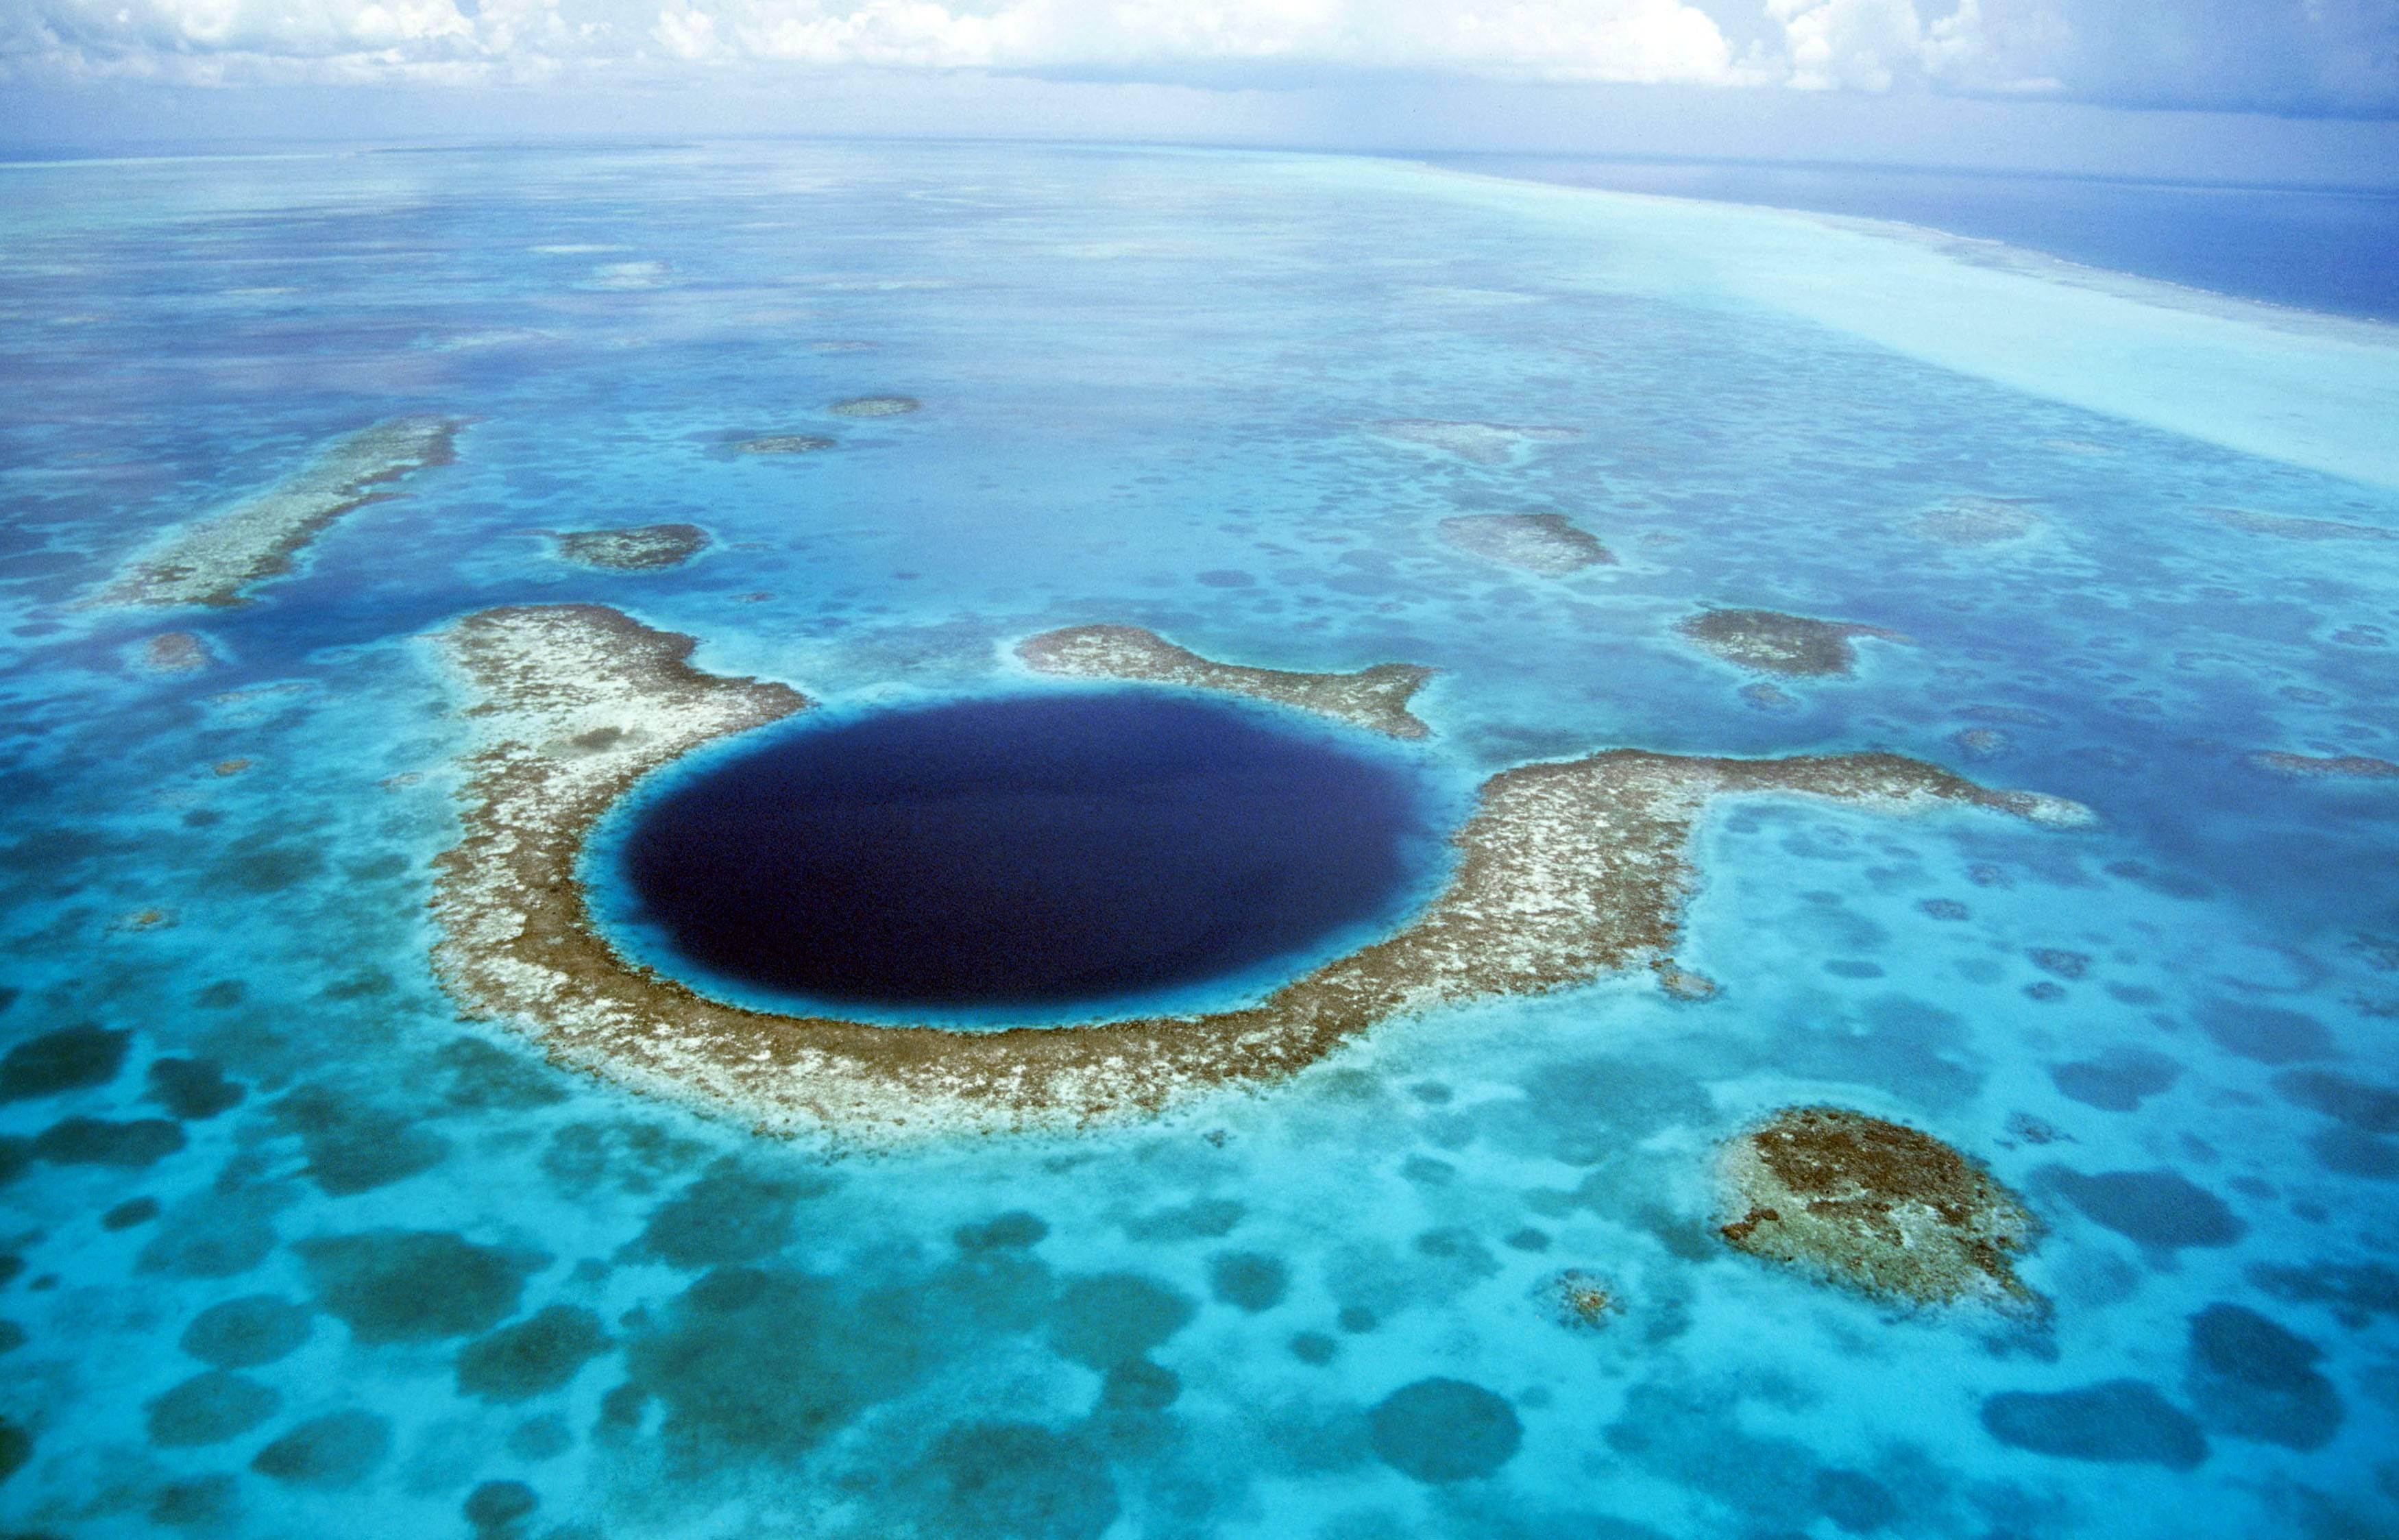 También llamado el 'Gran Ojo Azul', es uno de los lugares más inaccesibles del planeta. Las lagunas de este tipo se encuentran rodeadas de arrecifes de coral.